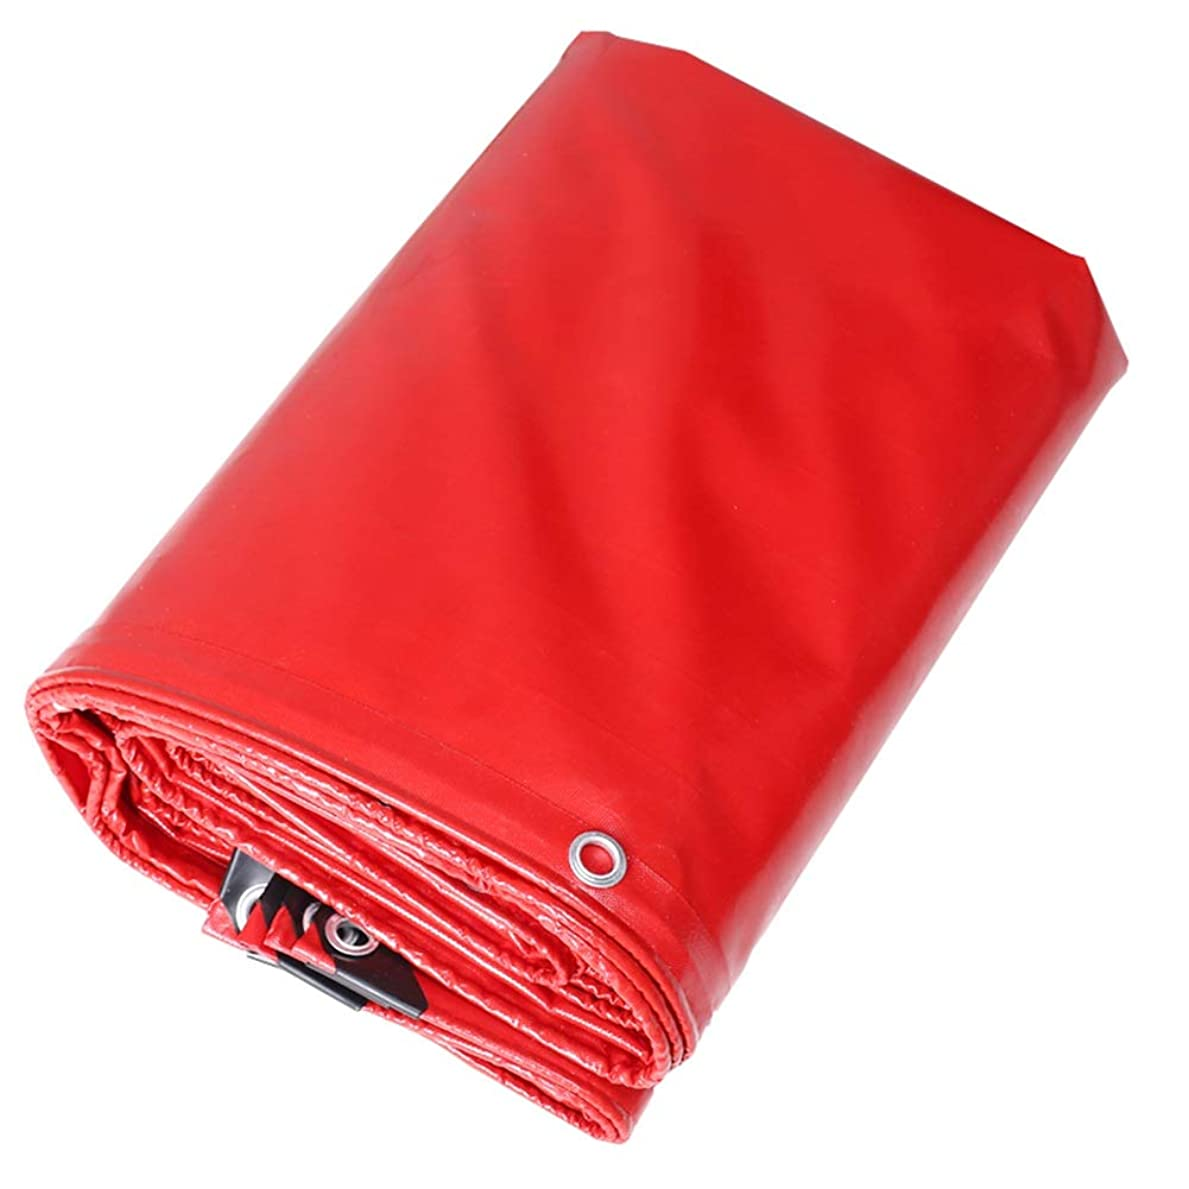 オーガニック牛前投薬FQJYNLY タープリンター防水シート屋外の酸化防止防塵防雨布ファーム、サイズはカスタマイズすることができます (Color : Red, Size : 4X5m)